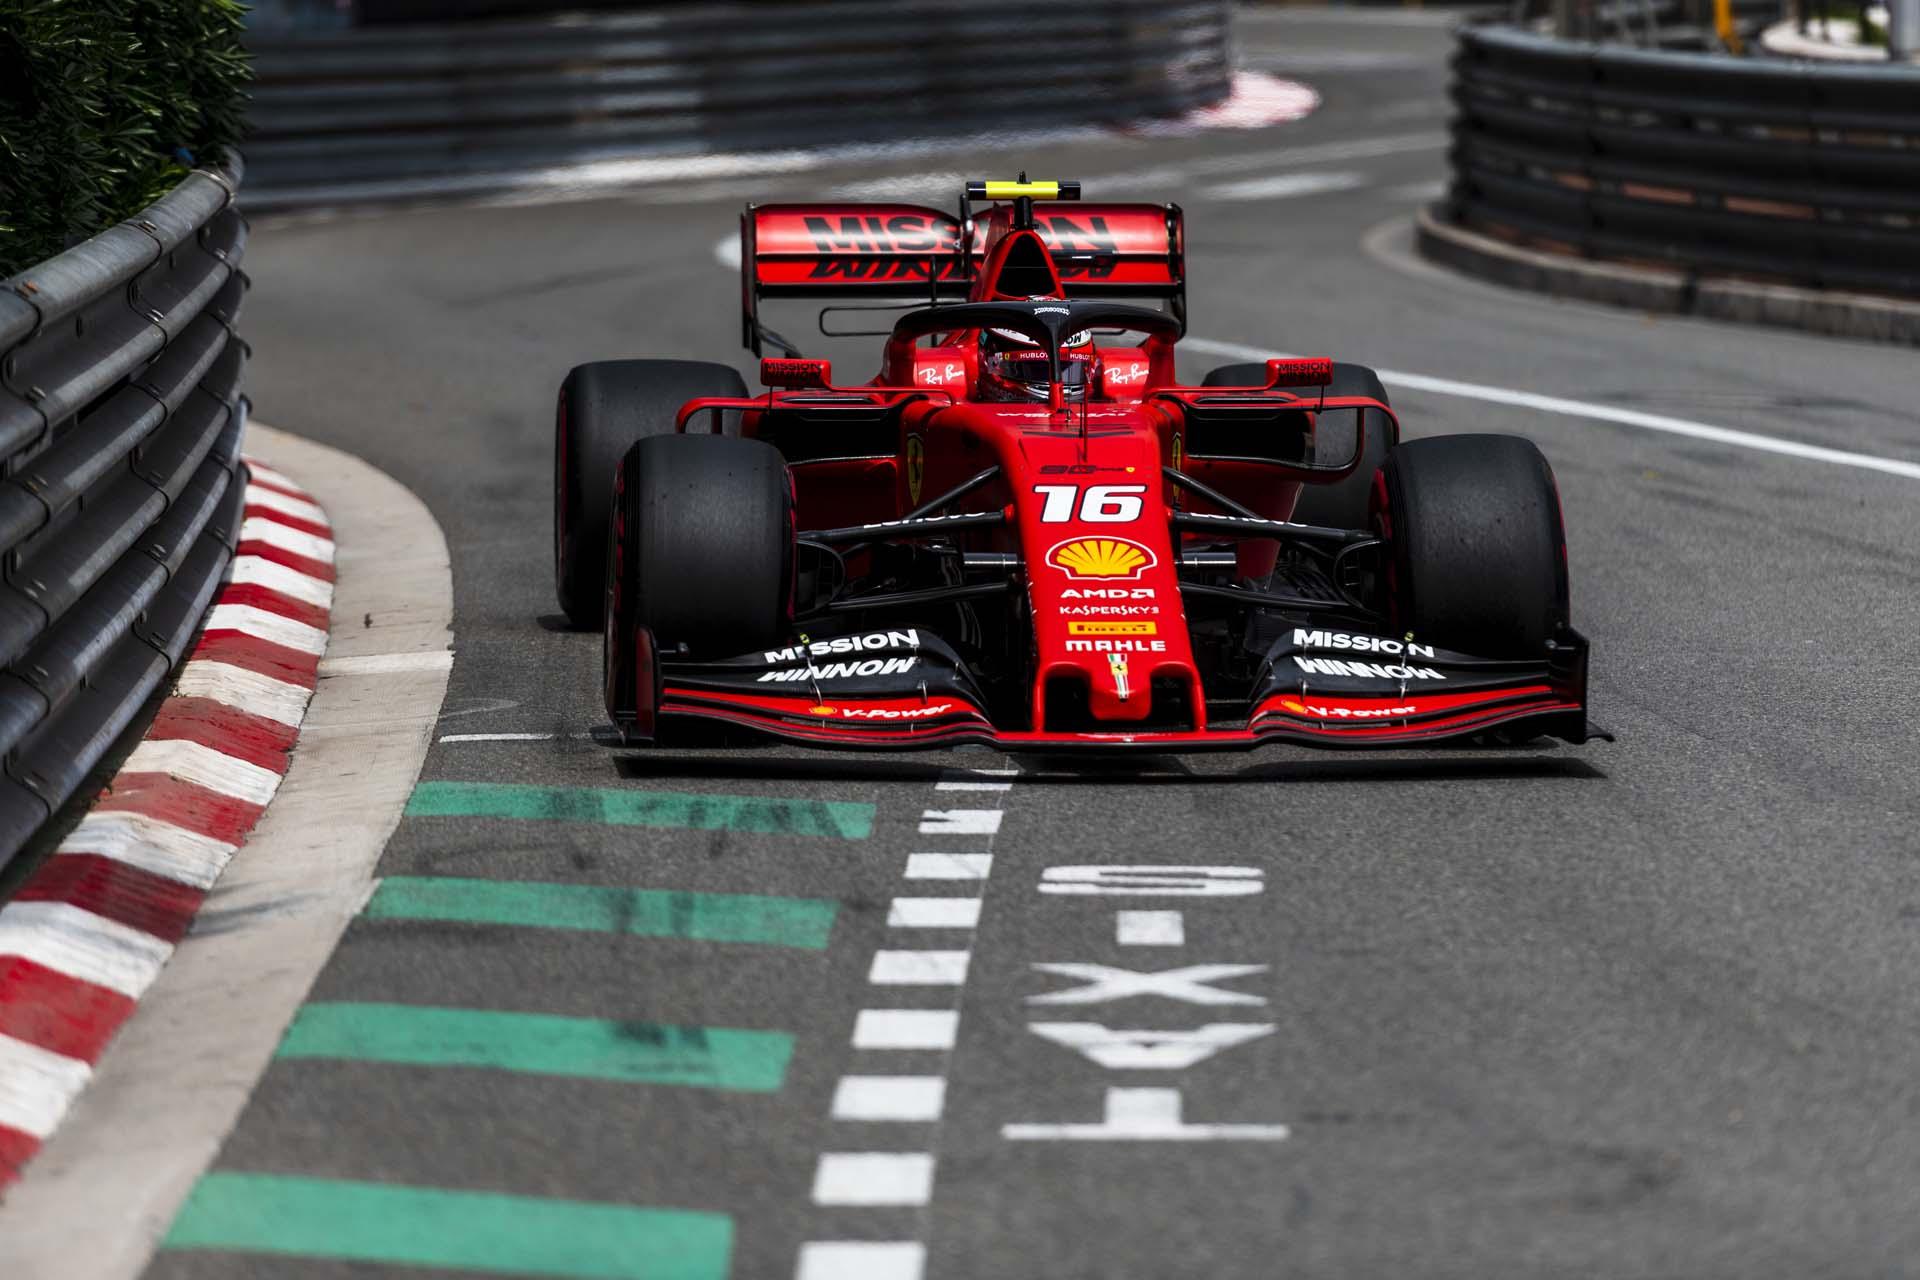 MonacoGP2019_SAT_Ferrari_190022_monaco1